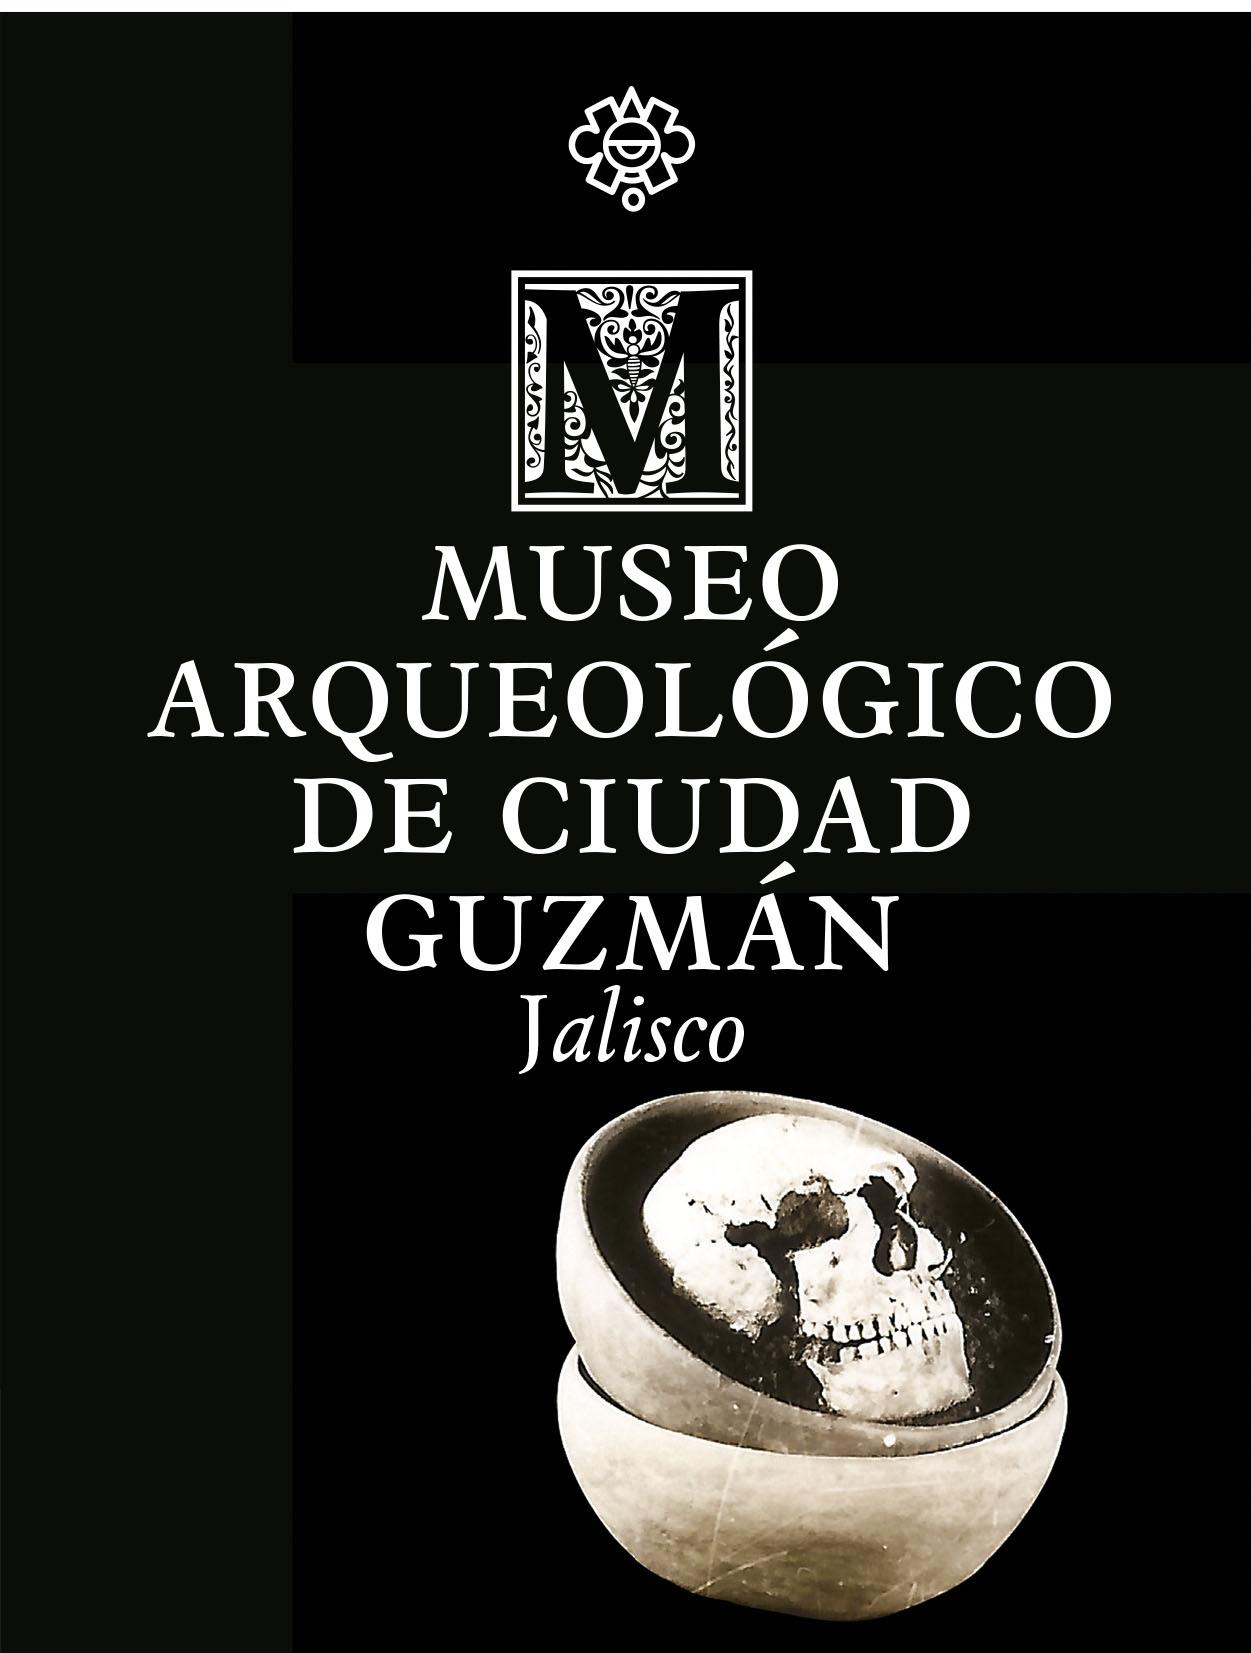 Museo Arqueológico de Ciudad Guzmán